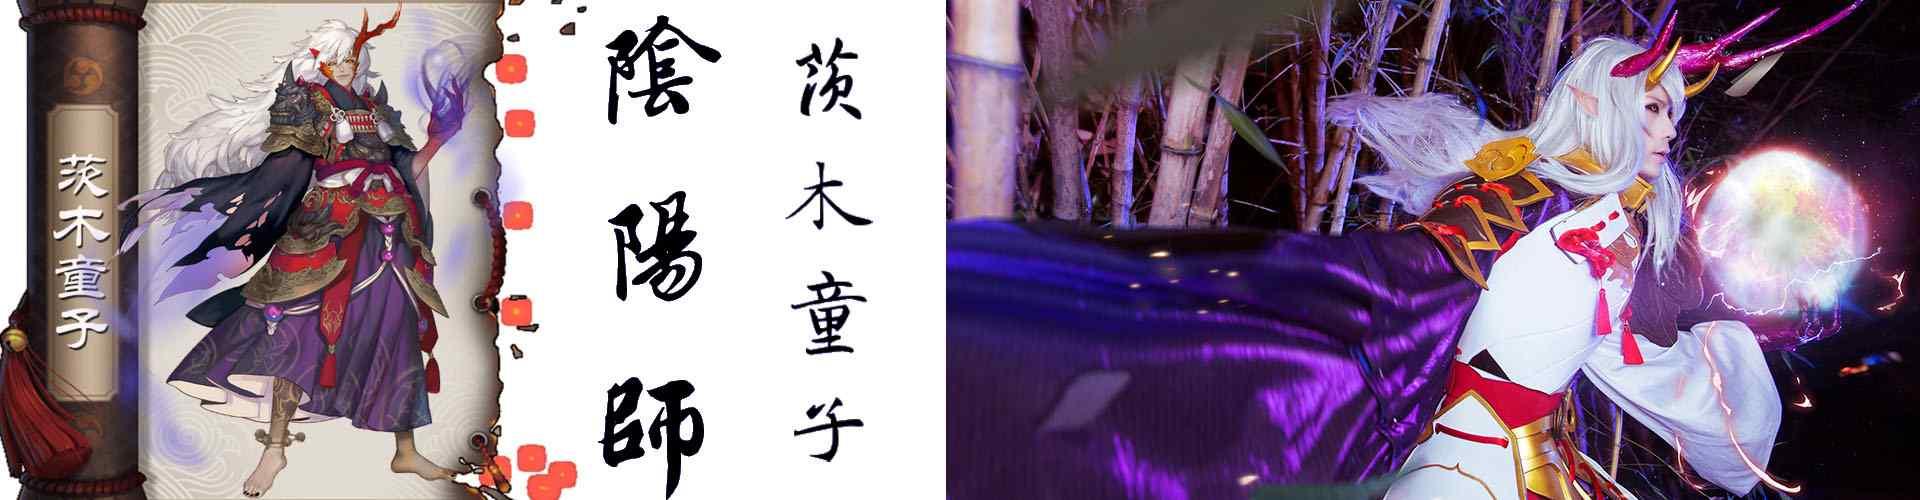 阴阳师茨木童子_阴阳师手游、阴阳师式神_阴阳师茨木童子图片_阴阳师游戏壁纸